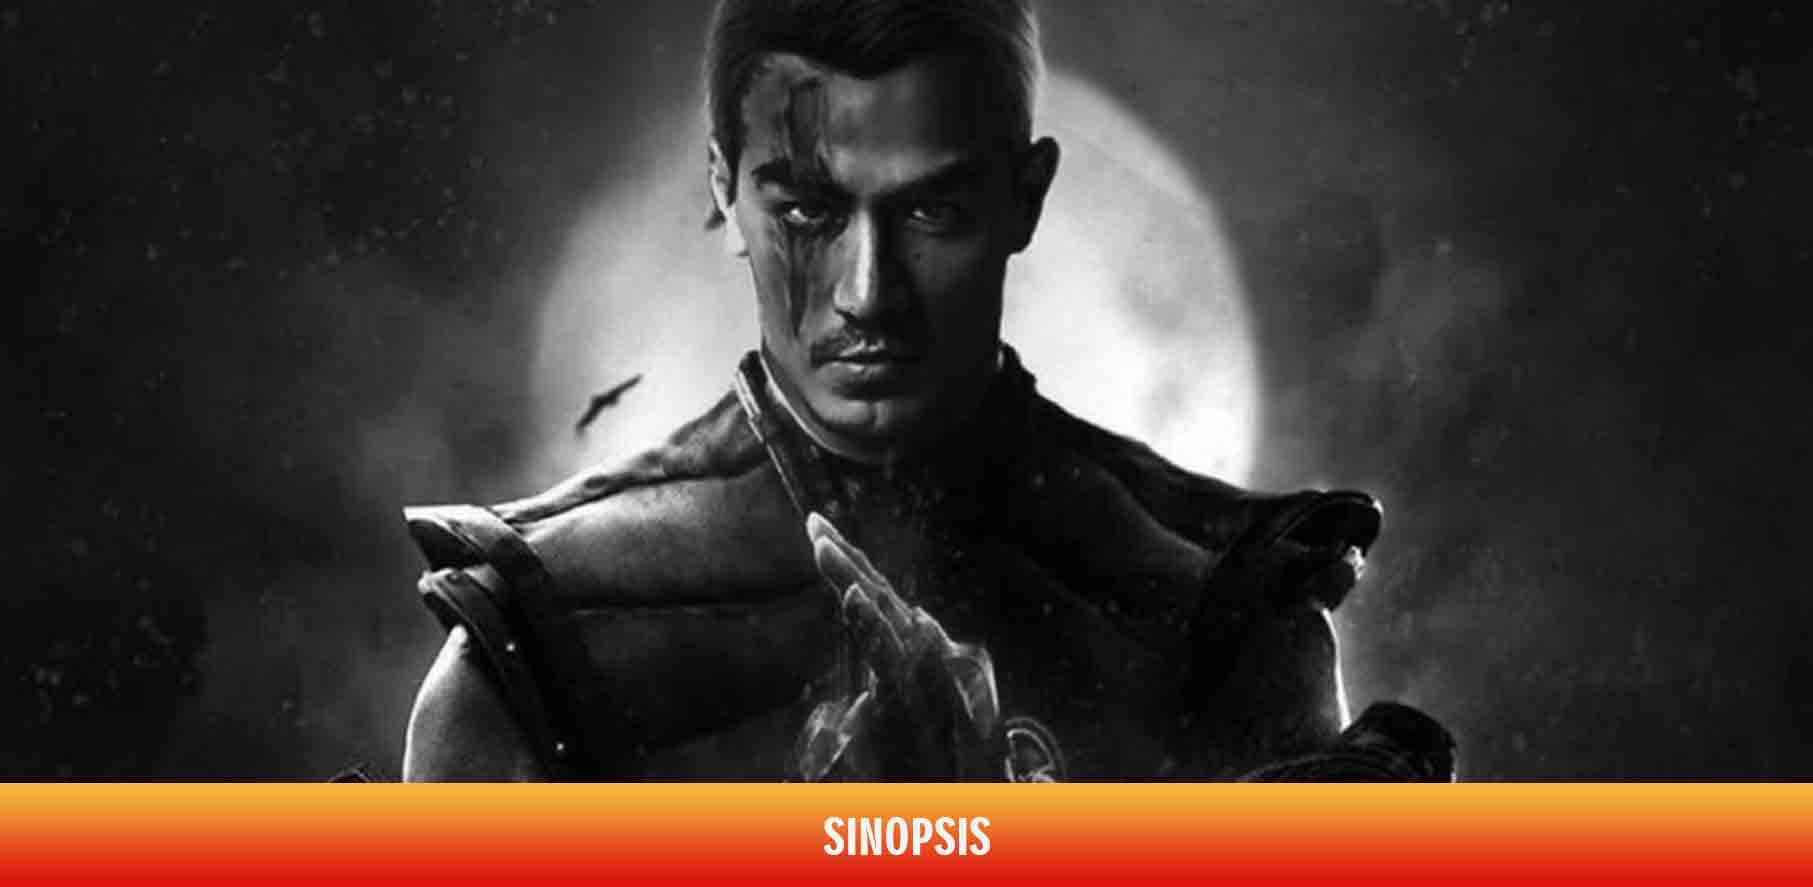 Sinopsis Mortal Kombat 2021